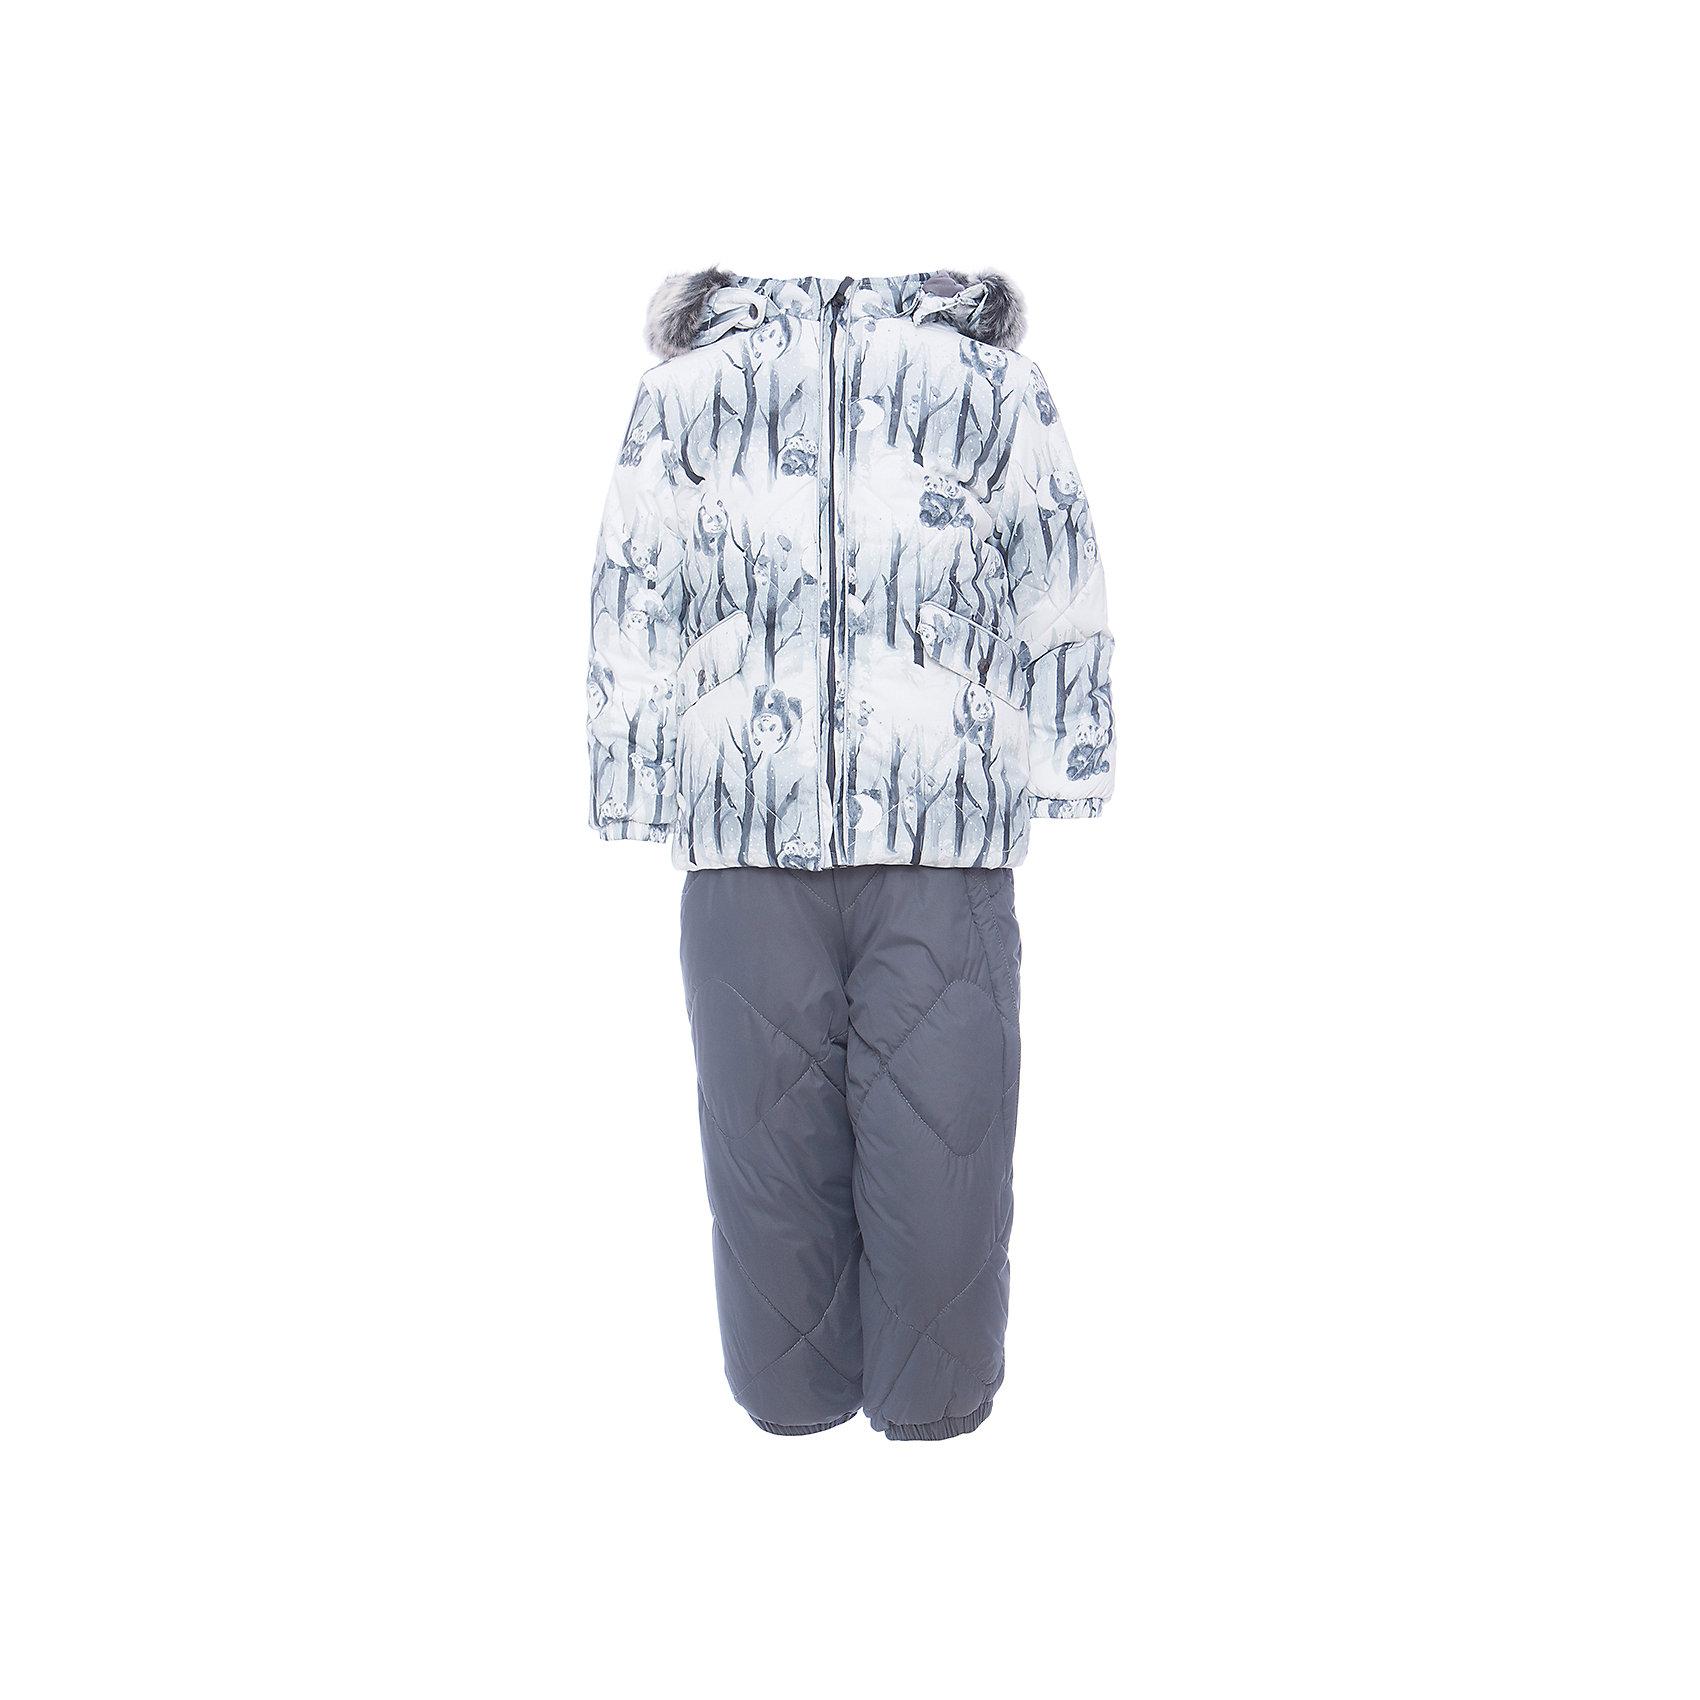 Комплект: куртка и брюки NOELLE 1 HuppaКомплекты<br>Комплект для малышей  NOELLE 1.Водо и водухонепроницаемость 5 000. Утеплитель: 300 гр куртка / 160 гр. Брюки.Подкладка фланель - 100% хлопок,тафта 100% полиэстер.Капюшон с отстегивающимся мехом.Манжеты рукавов на резинке .Манжеты брюк на резинке.На брюках присутствуют резиновые подтяжки.Имеются петли для ступней. На изделии присутствуют светоотражательные детали.<br>Состав:<br>100% Полиэстер<br><br>Ширина мм: 356<br>Глубина мм: 10<br>Высота мм: 245<br>Вес г: 519<br>Цвет: белый<br>Возраст от месяцев: 6<br>Возраст до месяцев: 9<br>Пол: Унисекс<br>Возраст: Детский<br>Размер: 74,104,98,92,86,80<br>SKU: 7024670